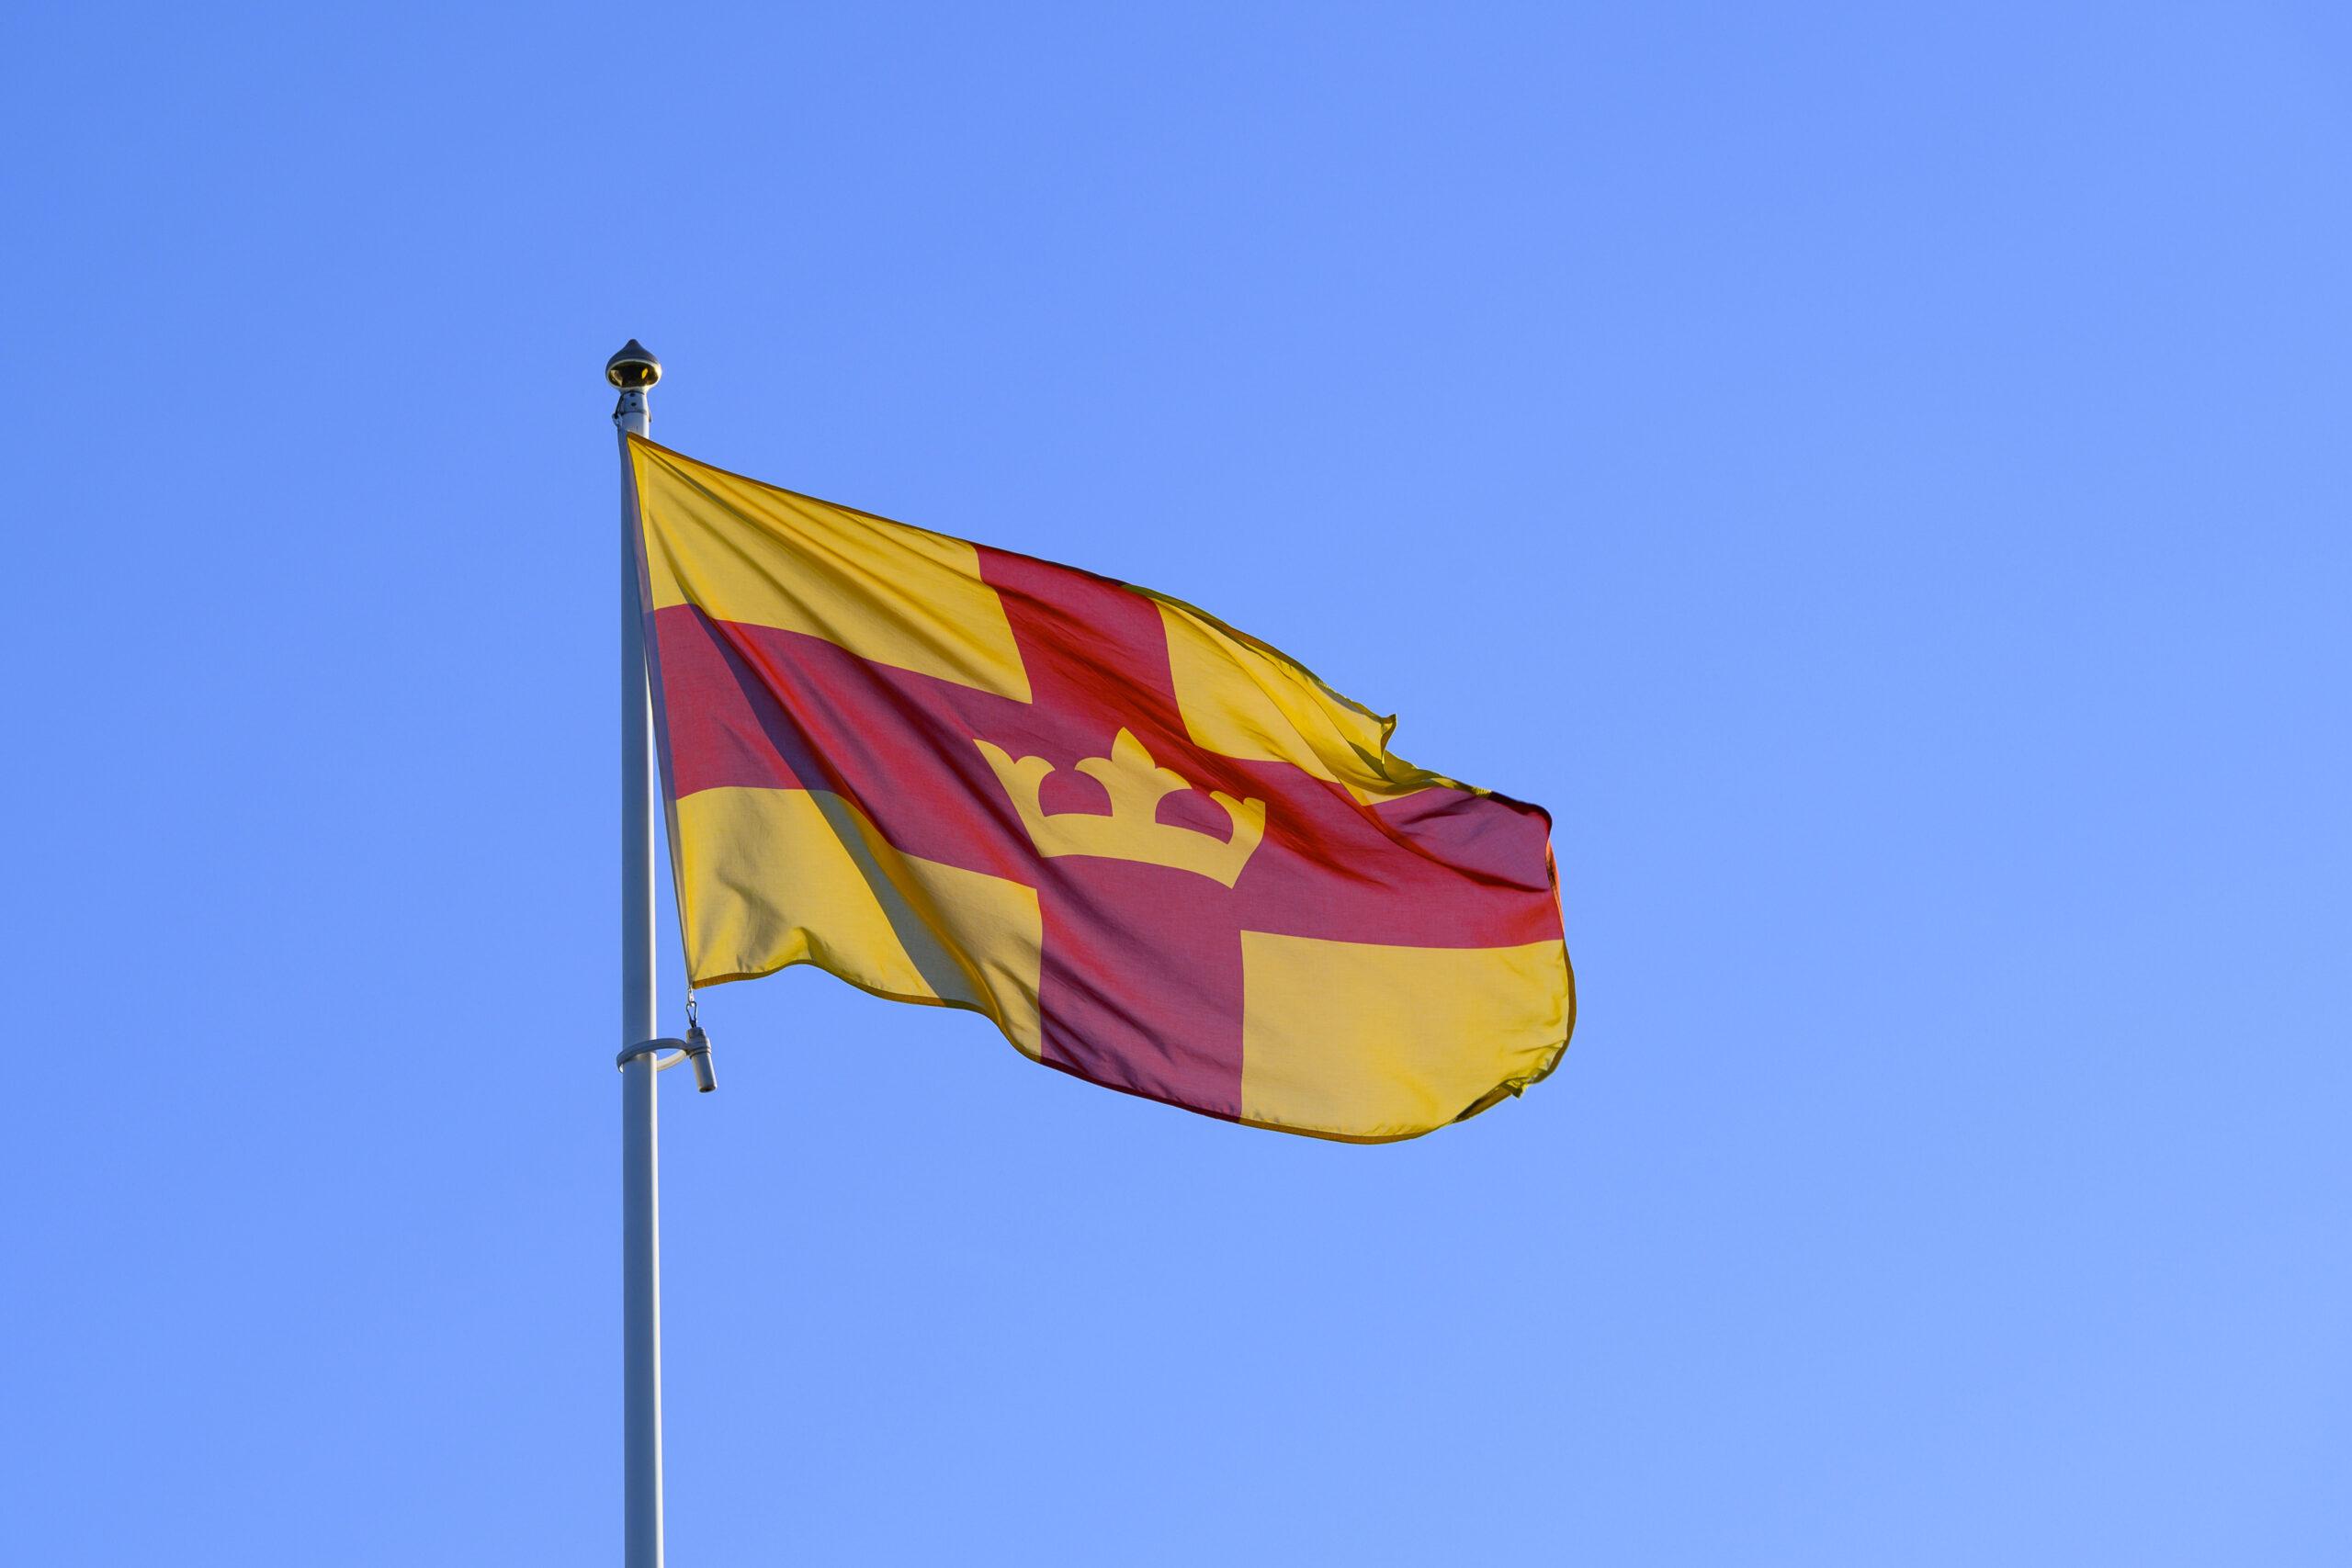 Svenska kyrkans flagga mot blå himmel